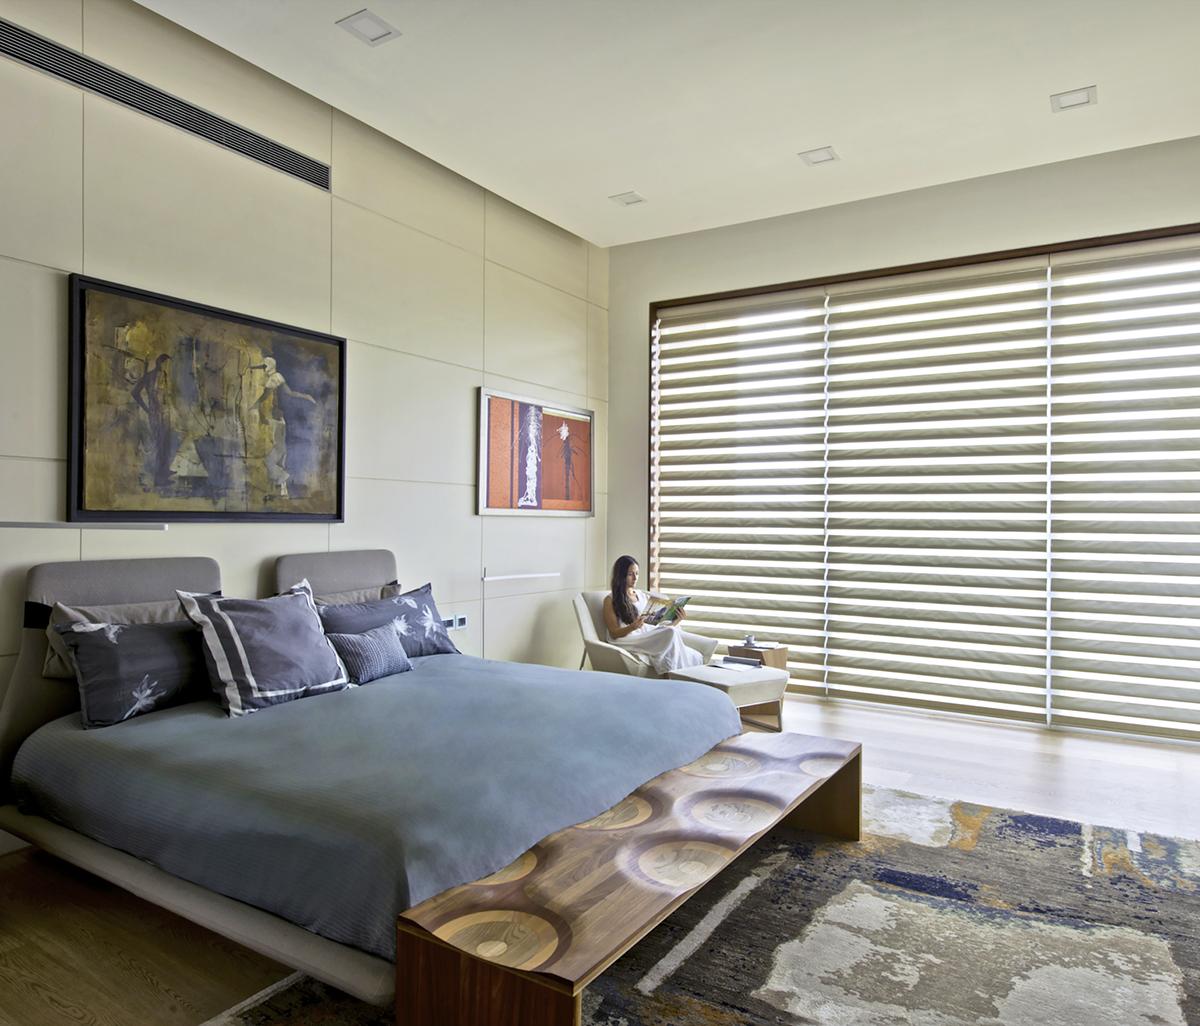 SDM-Apartment-Mumbai-Arquitectura-Movimiento-Workshop-7.jpg